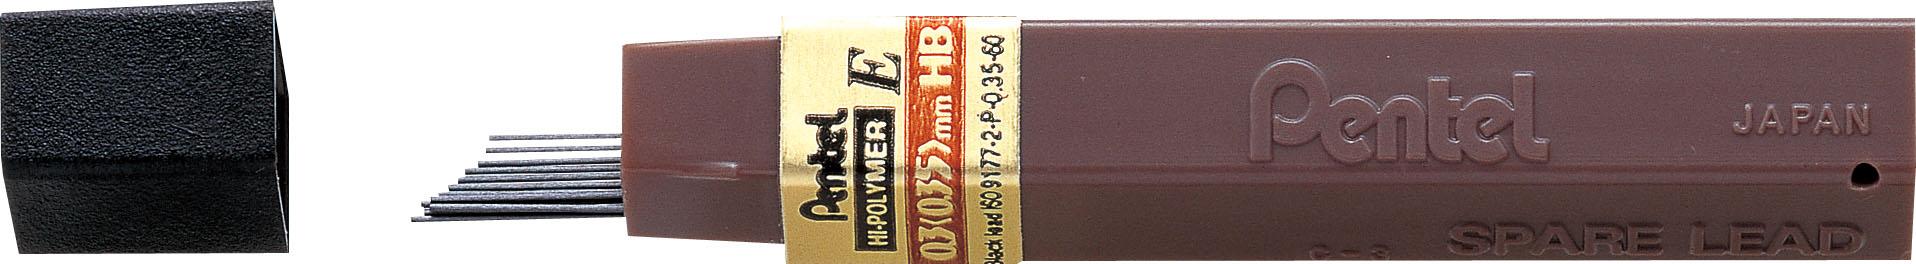 Grafika Pentel Stylus Pentel 0.3mm Hb 12ks